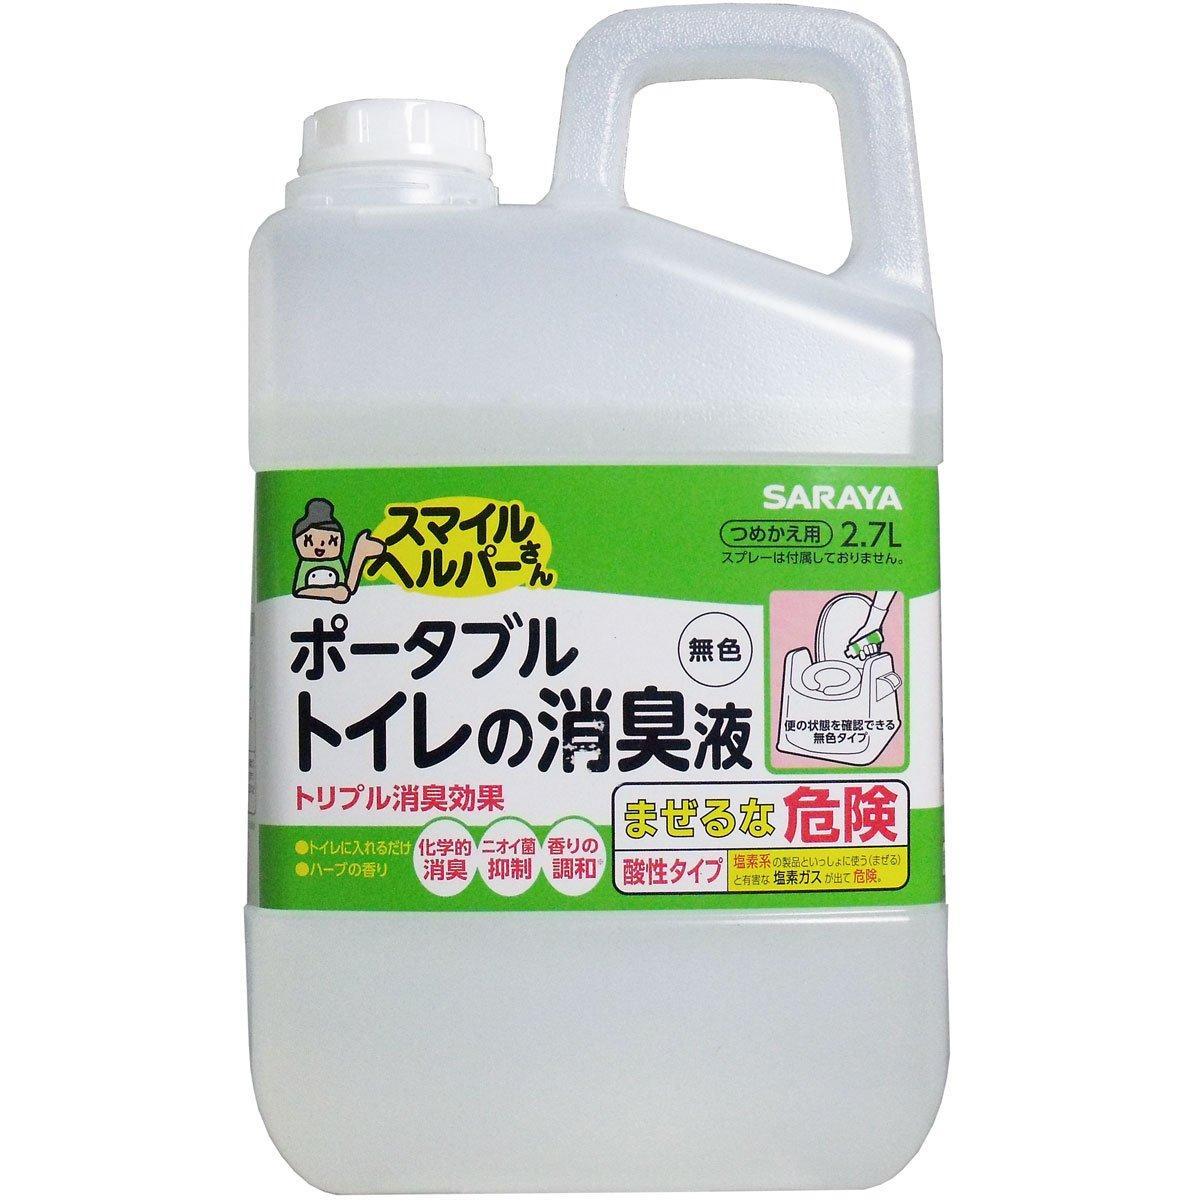 スマイルヘルパーさん ポータブルトイレ消臭液無色 2.7l × 3個セット B072LZSH3P 3個  3個